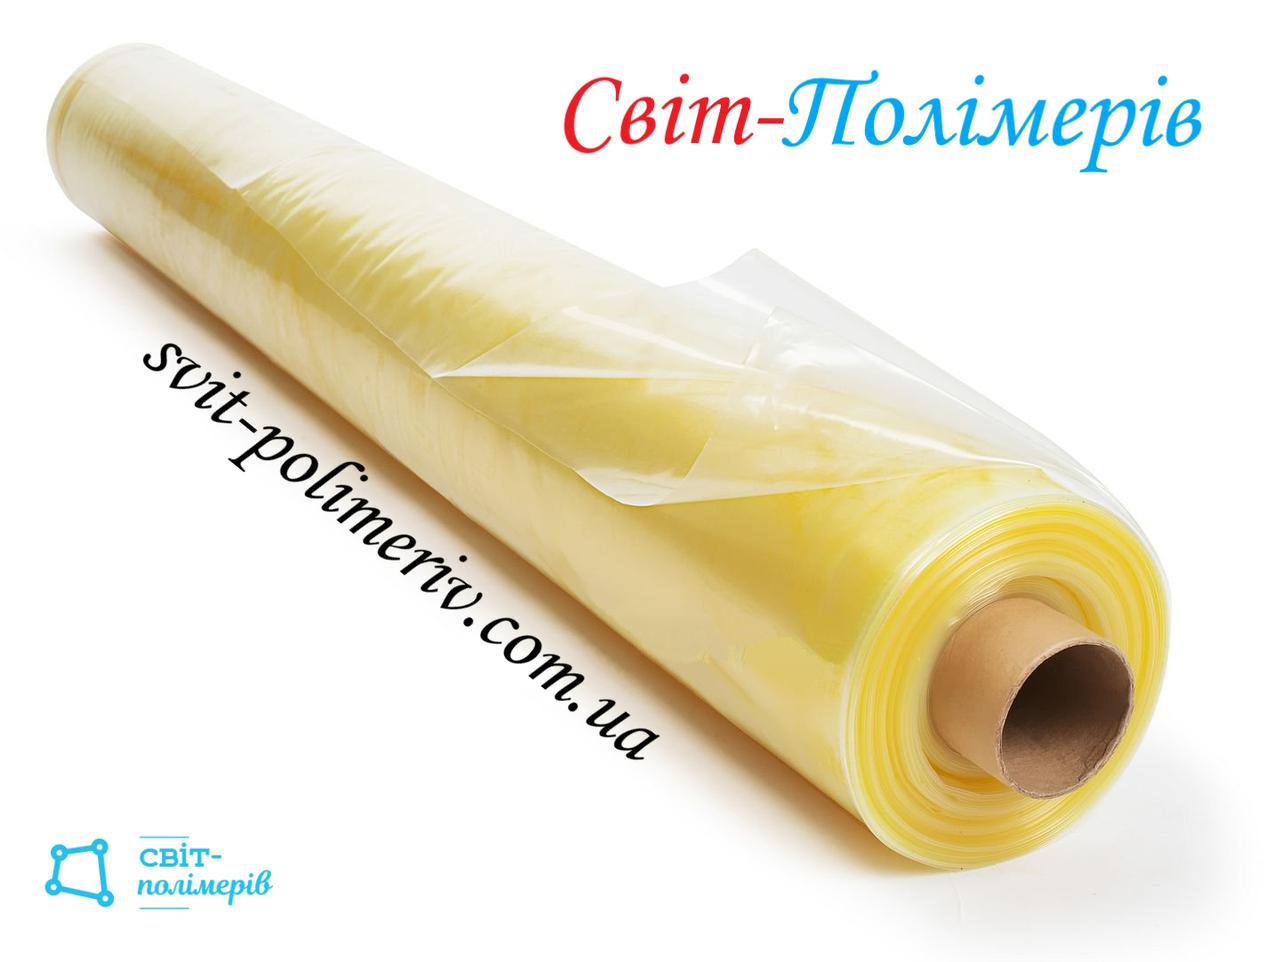 Плівка теплична жовта UV 24 міс. РУКАВ 3 м, 170 мкм (вага 46-47 кг)